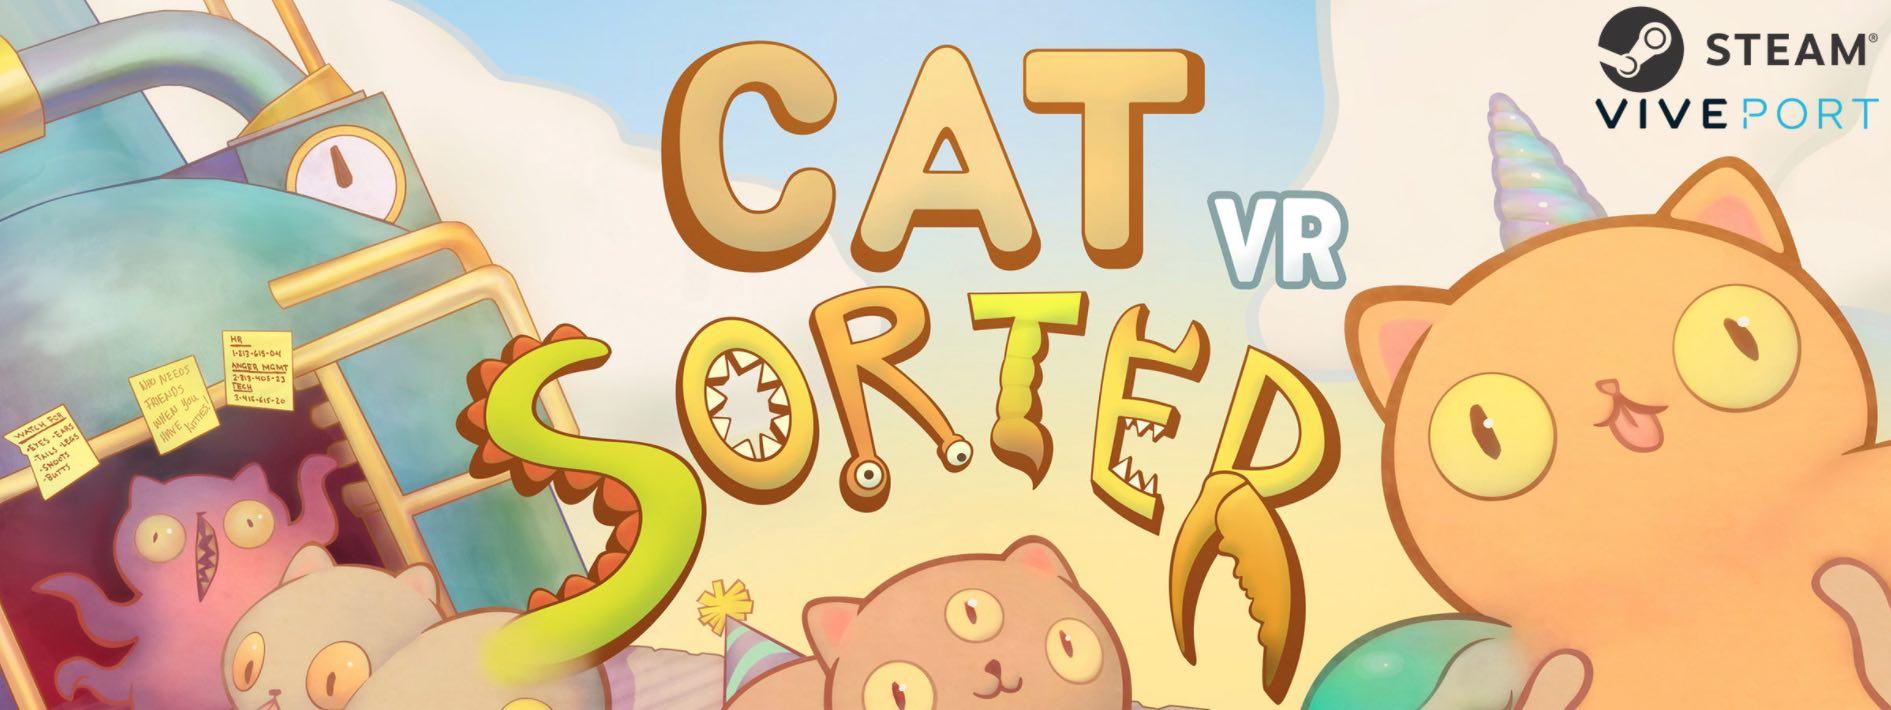 Cat Sorter VR Banner - Pyramind